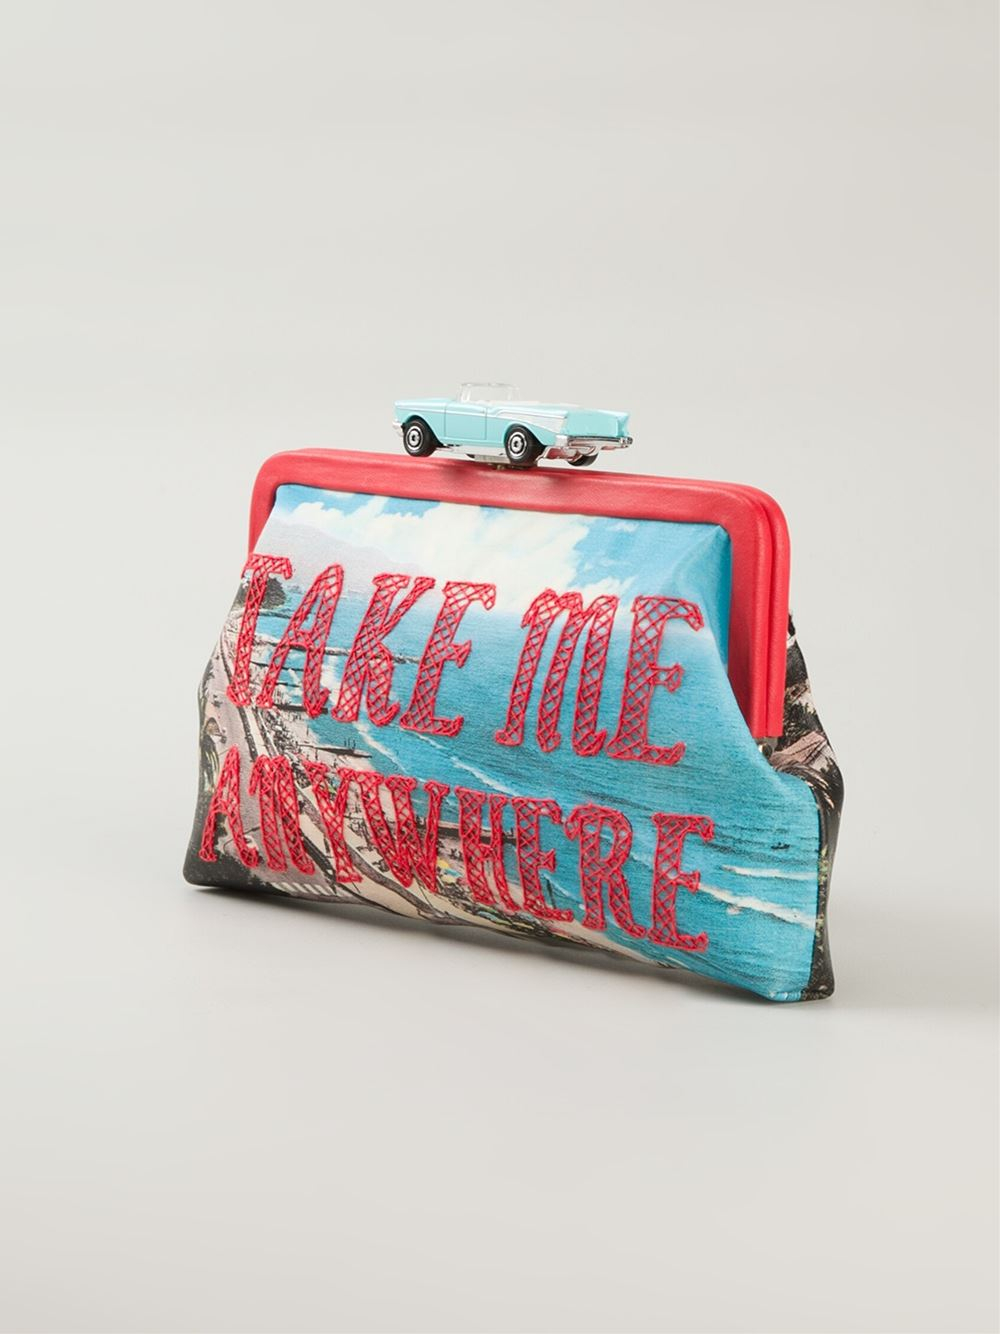 Sarah's bag 'Take Me Anywhere' Clutch in Blue